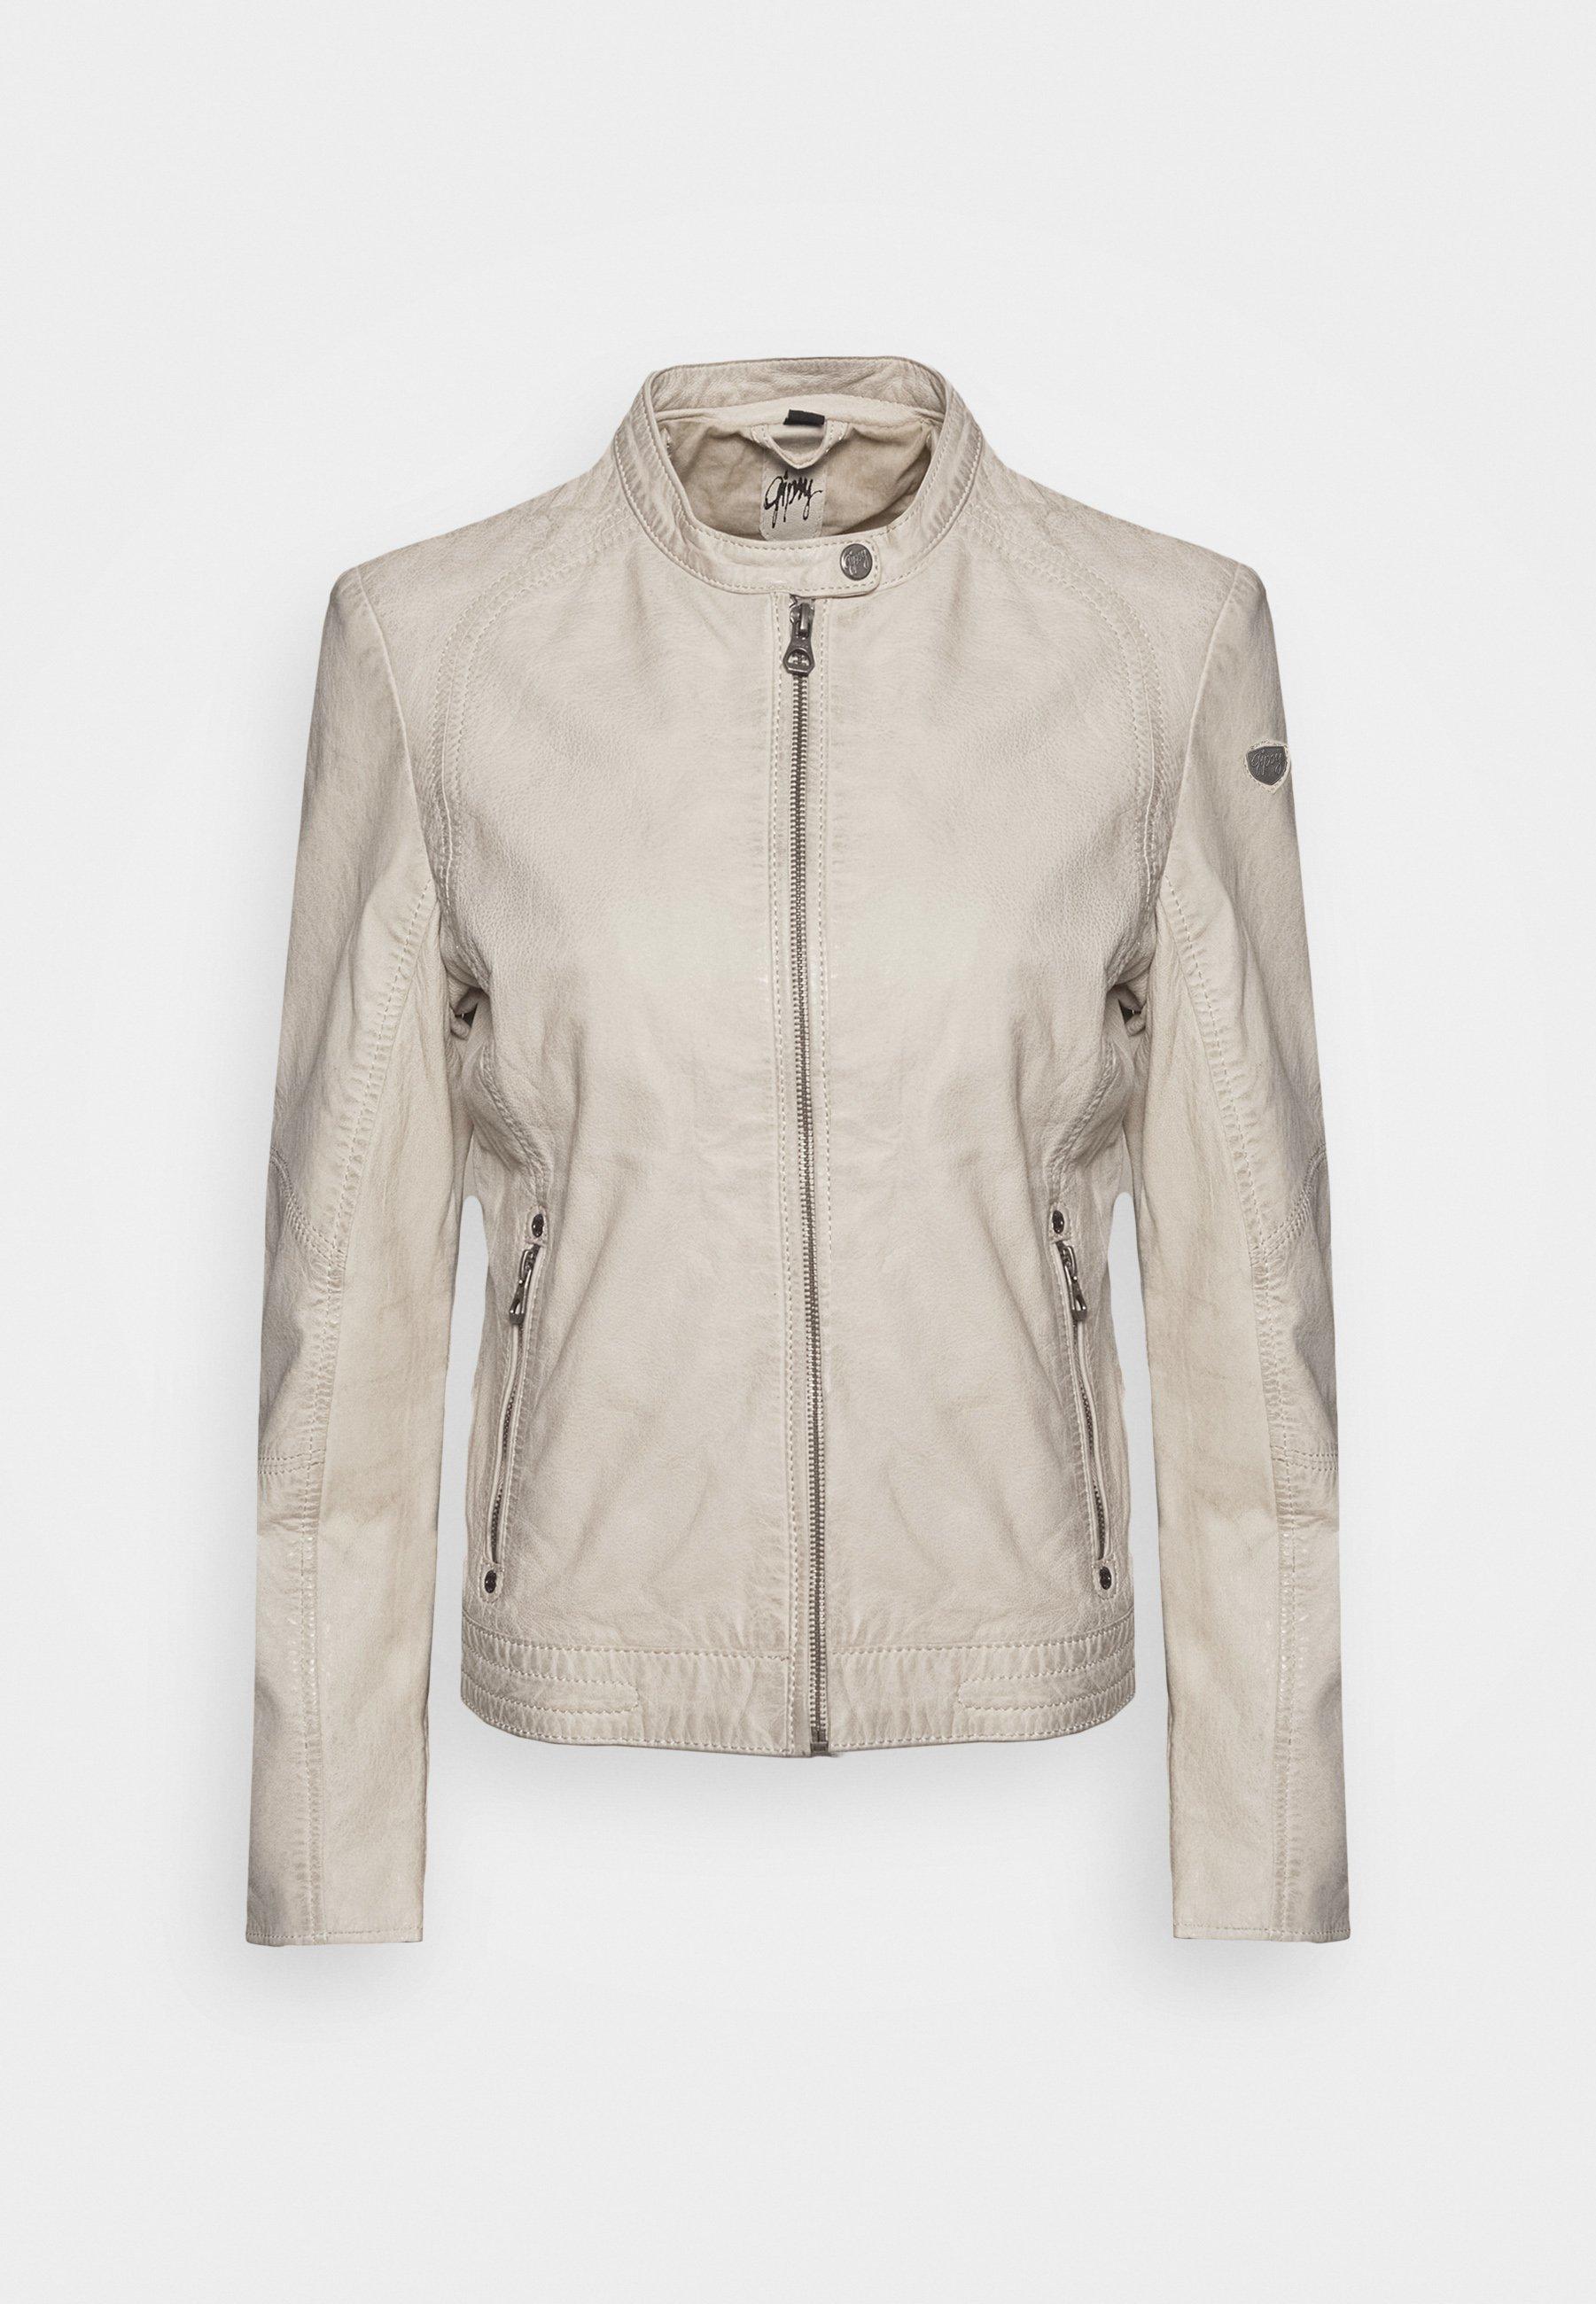 GGNIDEL LAMAS Leren jas off white